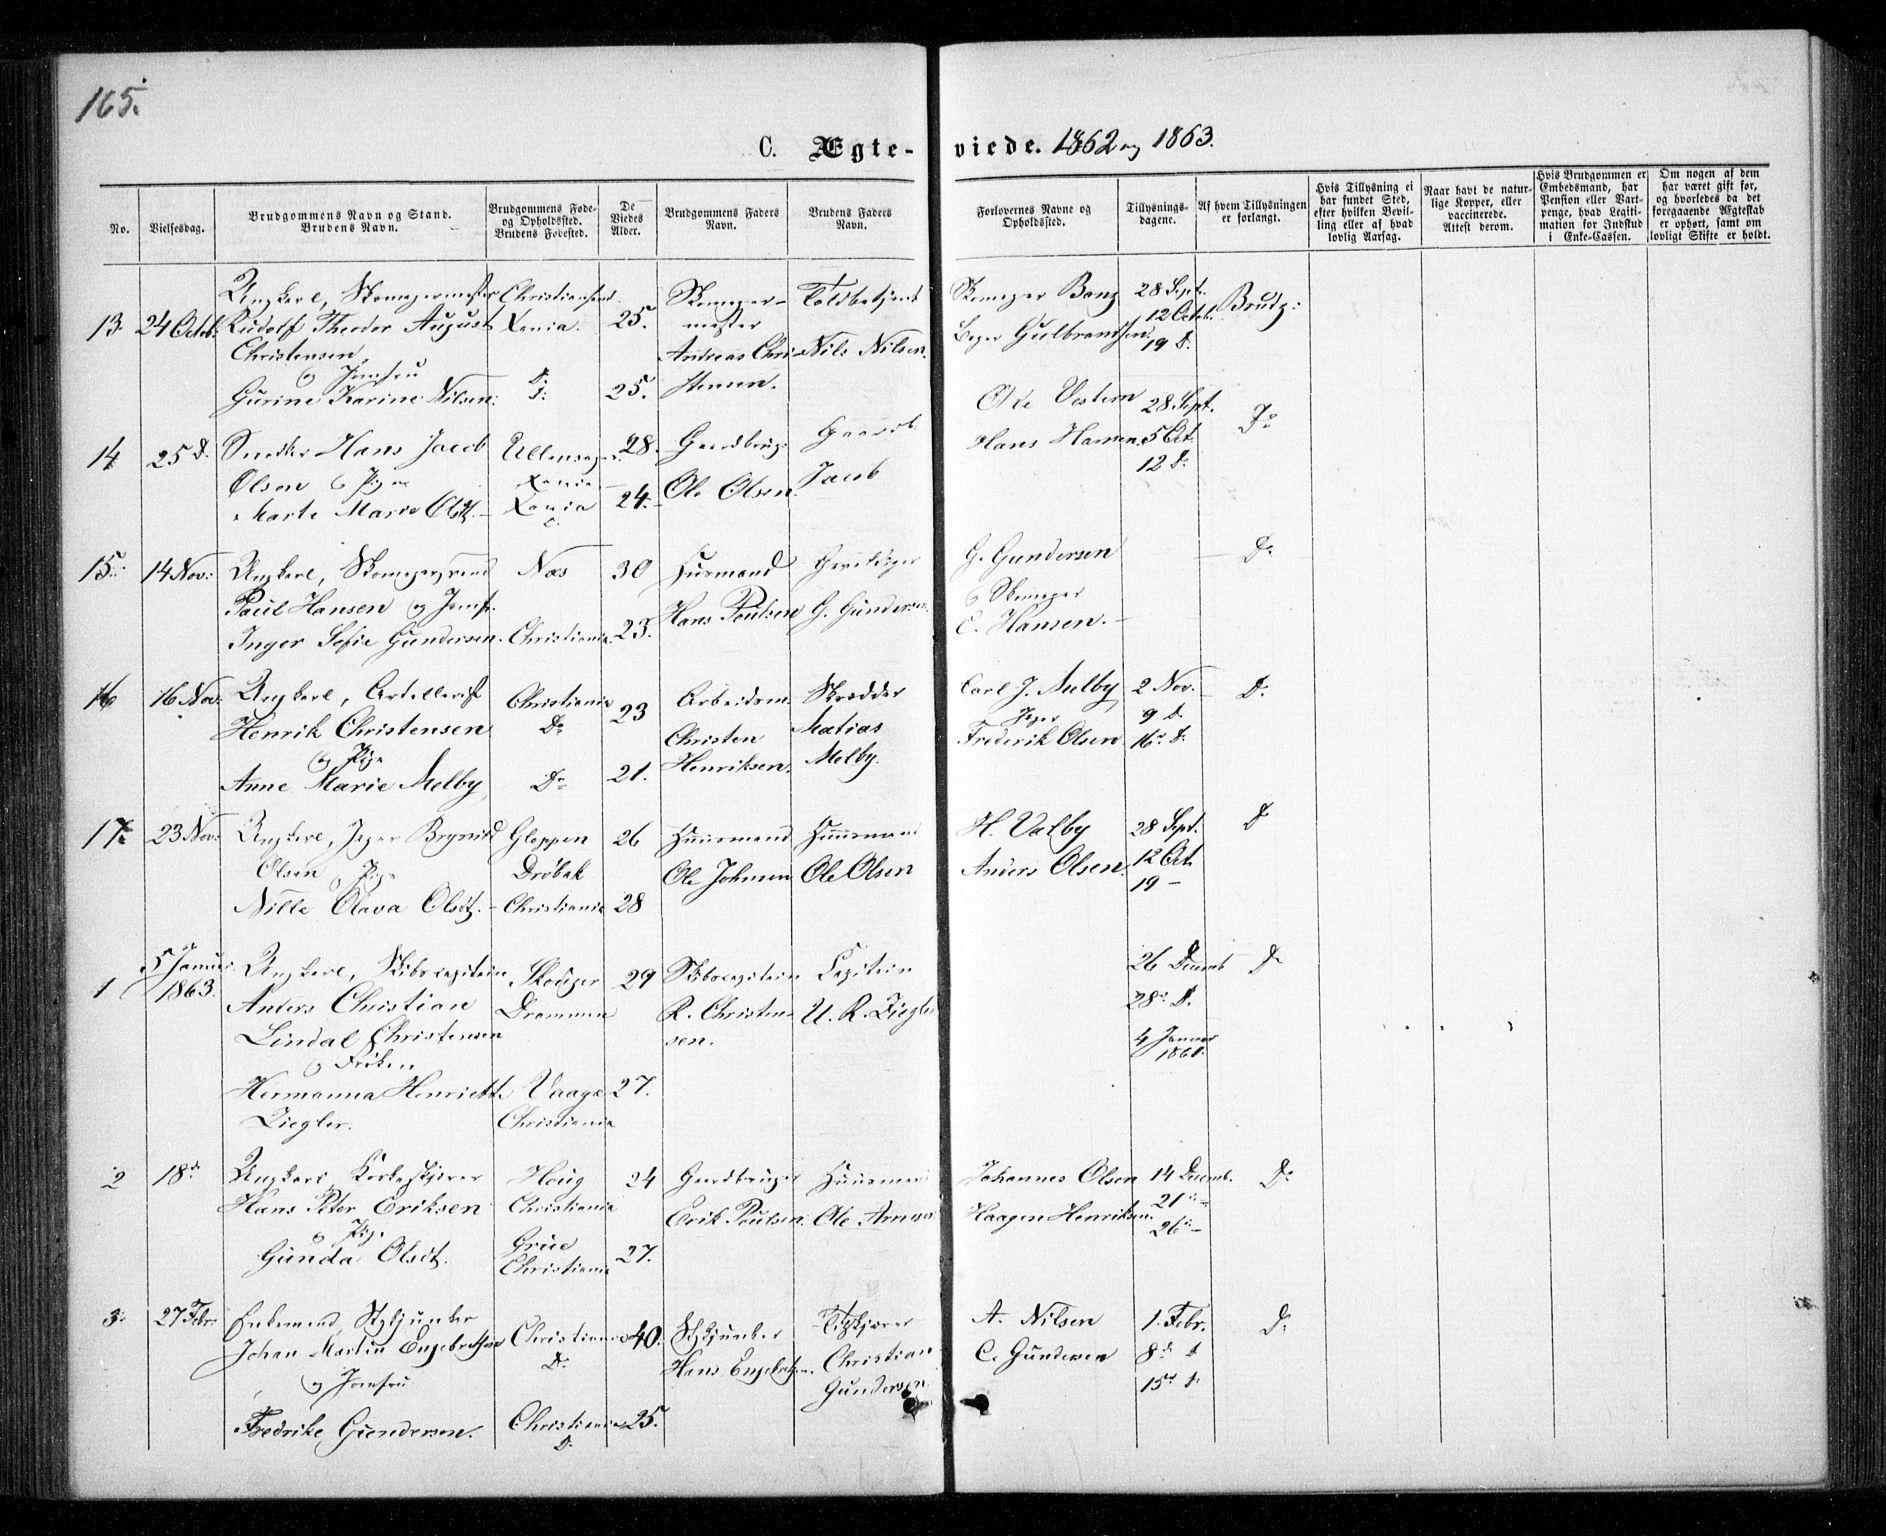 SAO, Garnisonsmenigheten Kirkebøker, G/Ga/L0006: Klokkerbok nr. 6, 1860-1880, s. 165